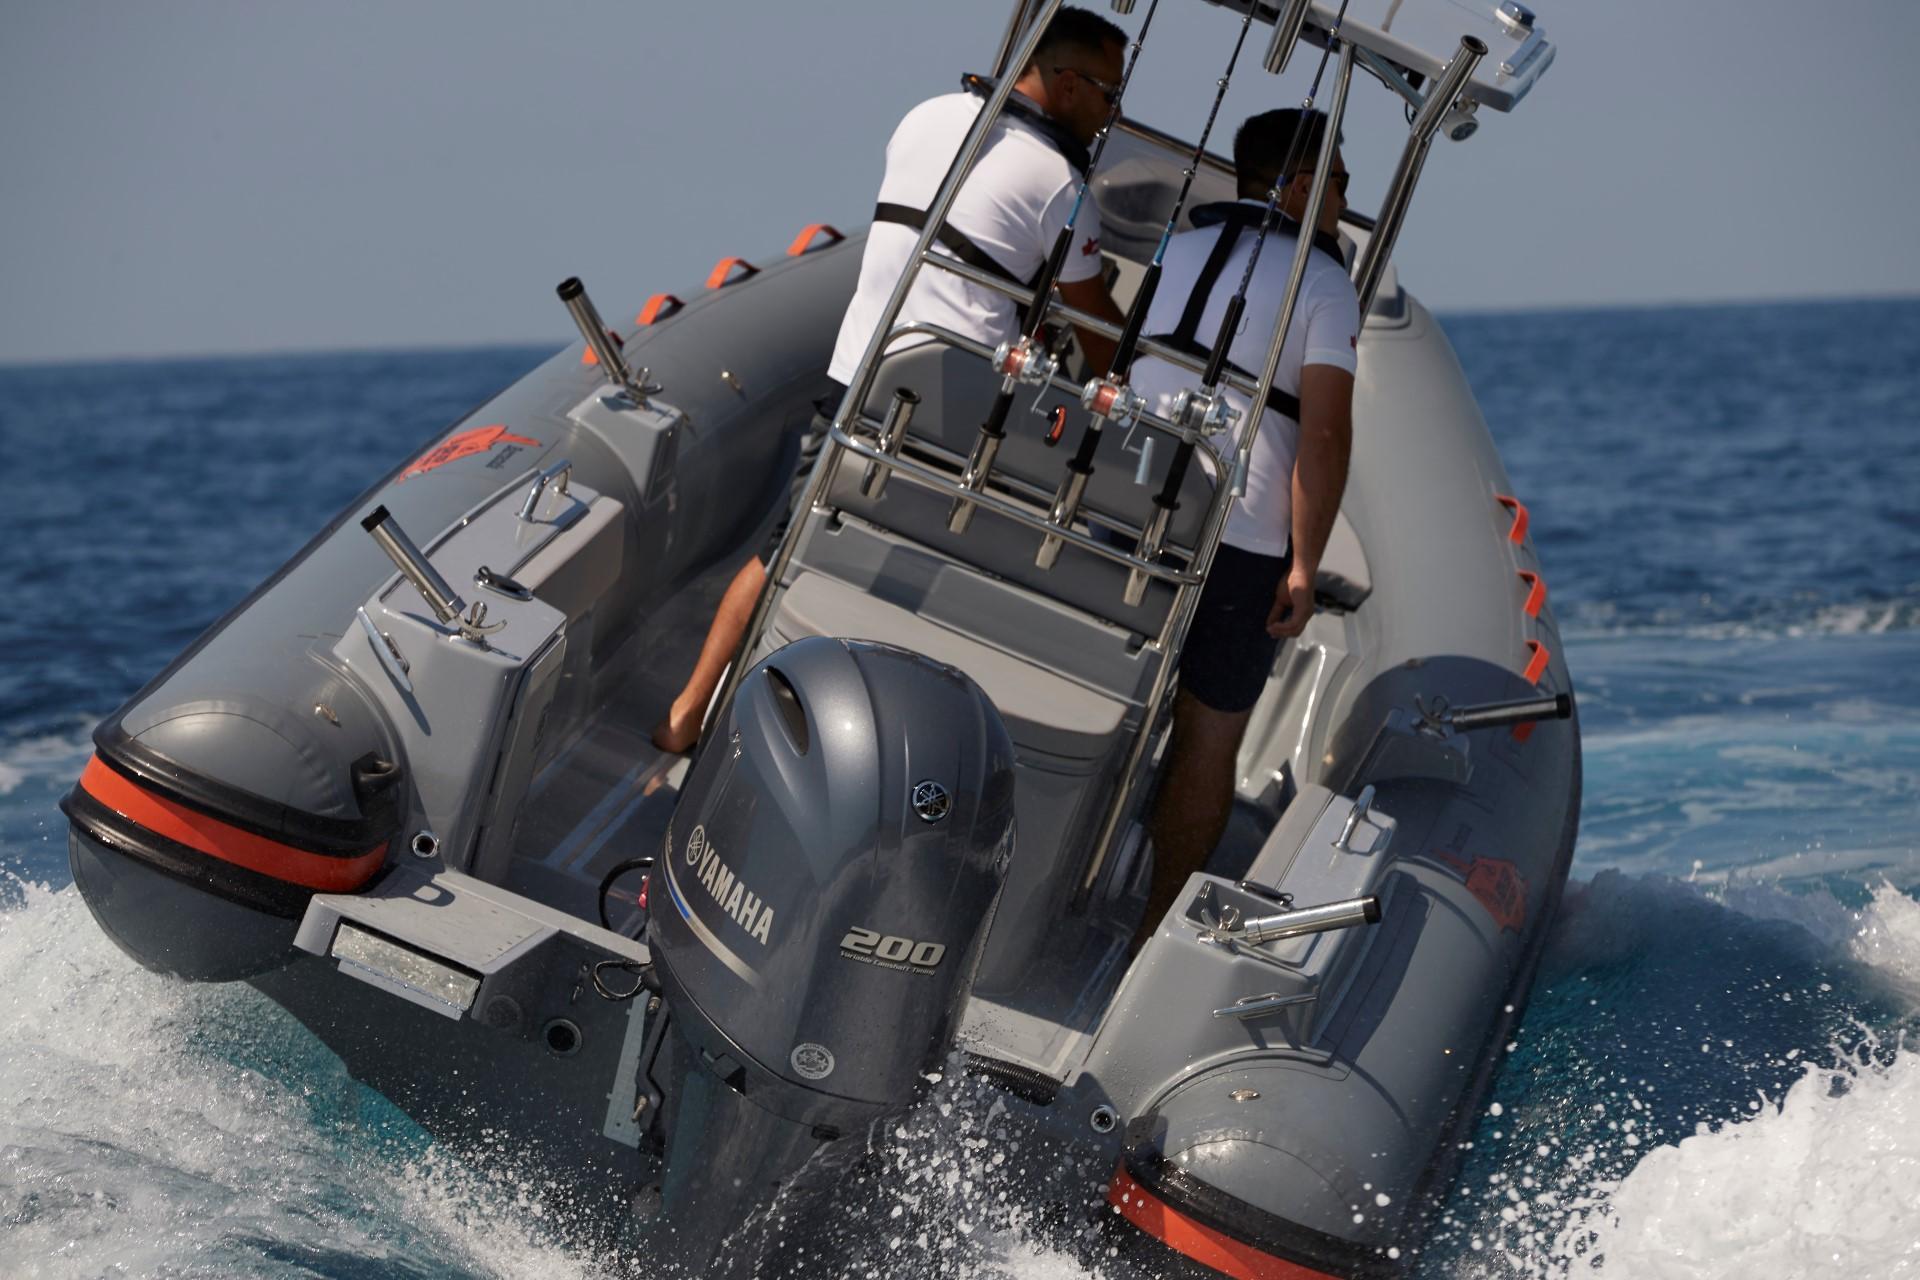 Joker Boat Barracuda rear view